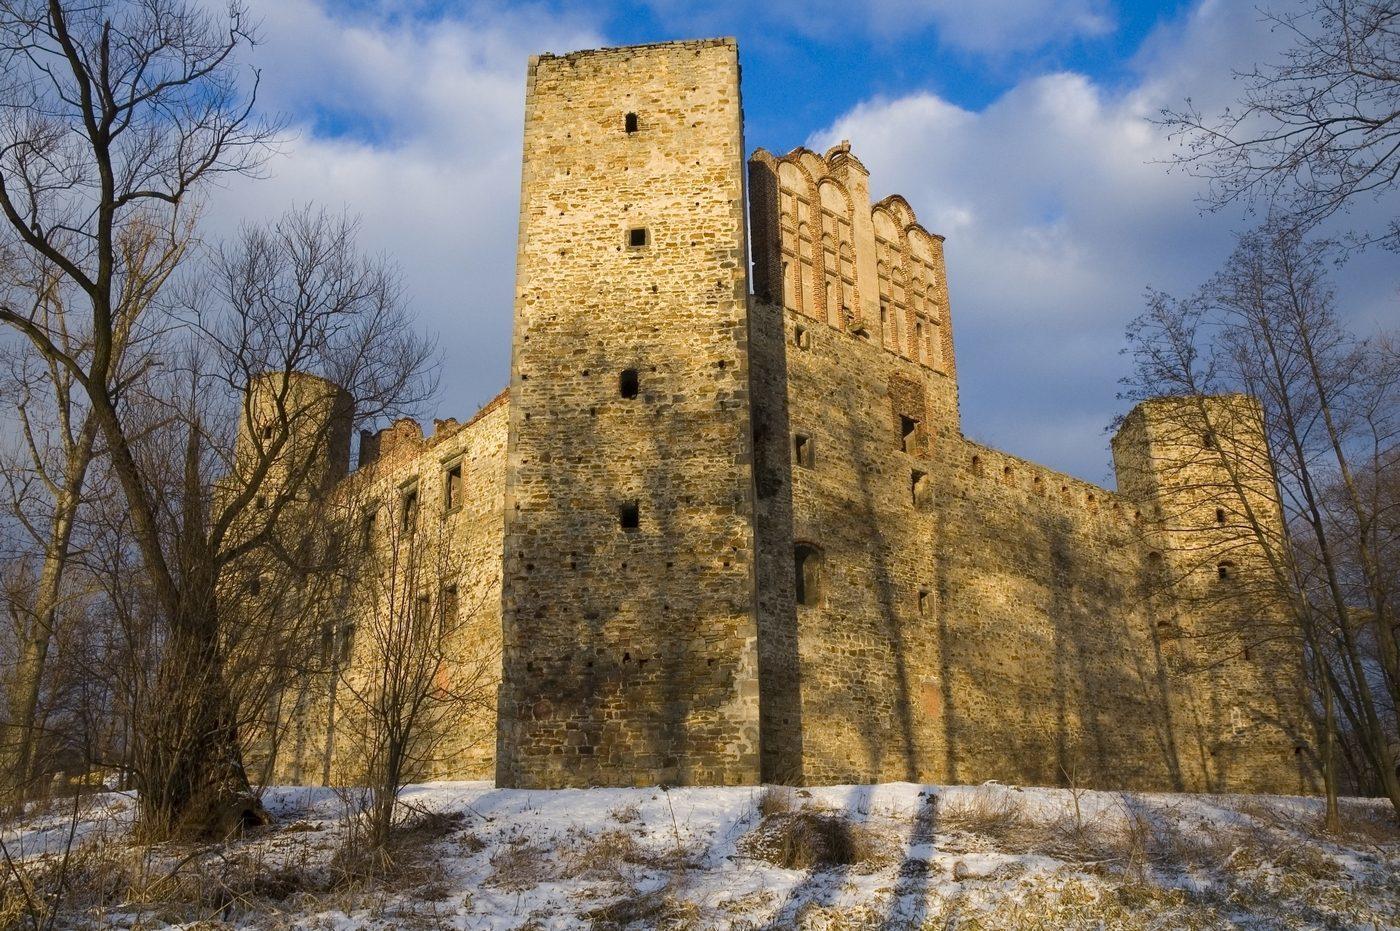 Zamek w Drzewicy – tu także jest zakaz wstępu